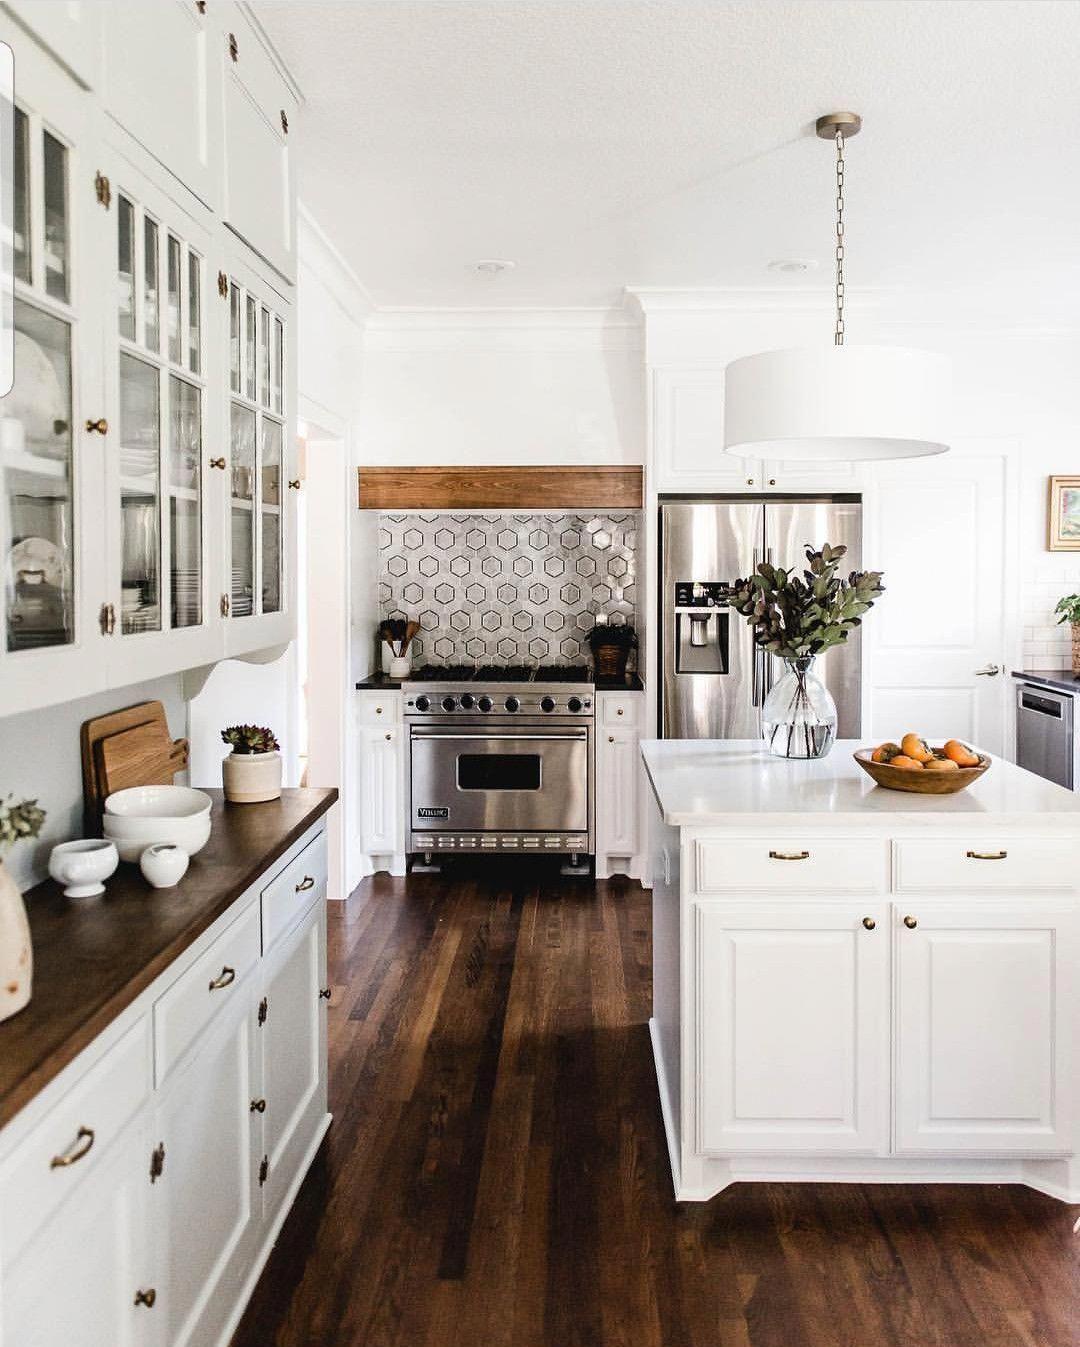 GiftsForHomeDecoration   Home kitchens, Home, Kitchen design